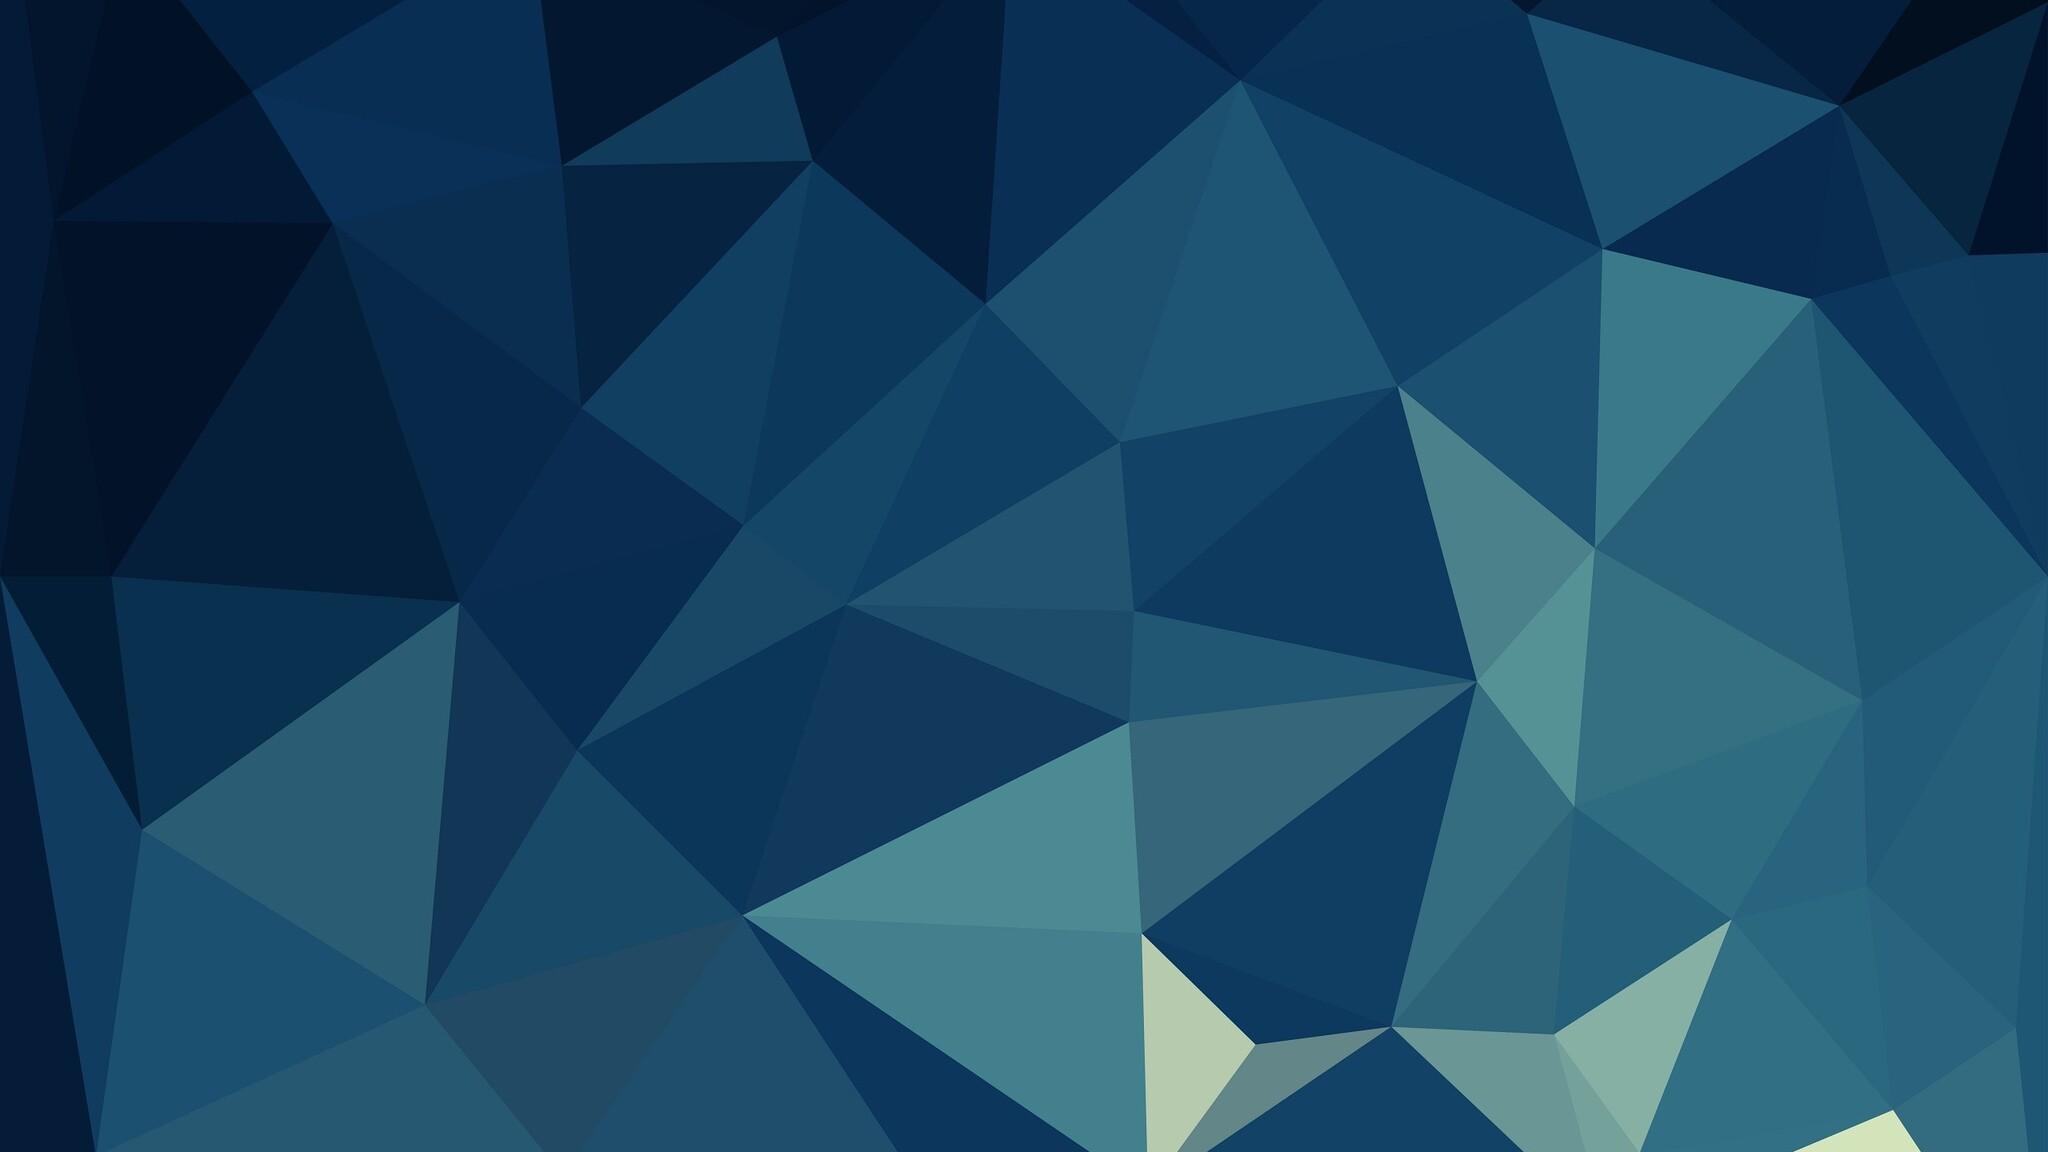 2048x1152 minimalism triangle art 2048x1152 resolution hd 4k